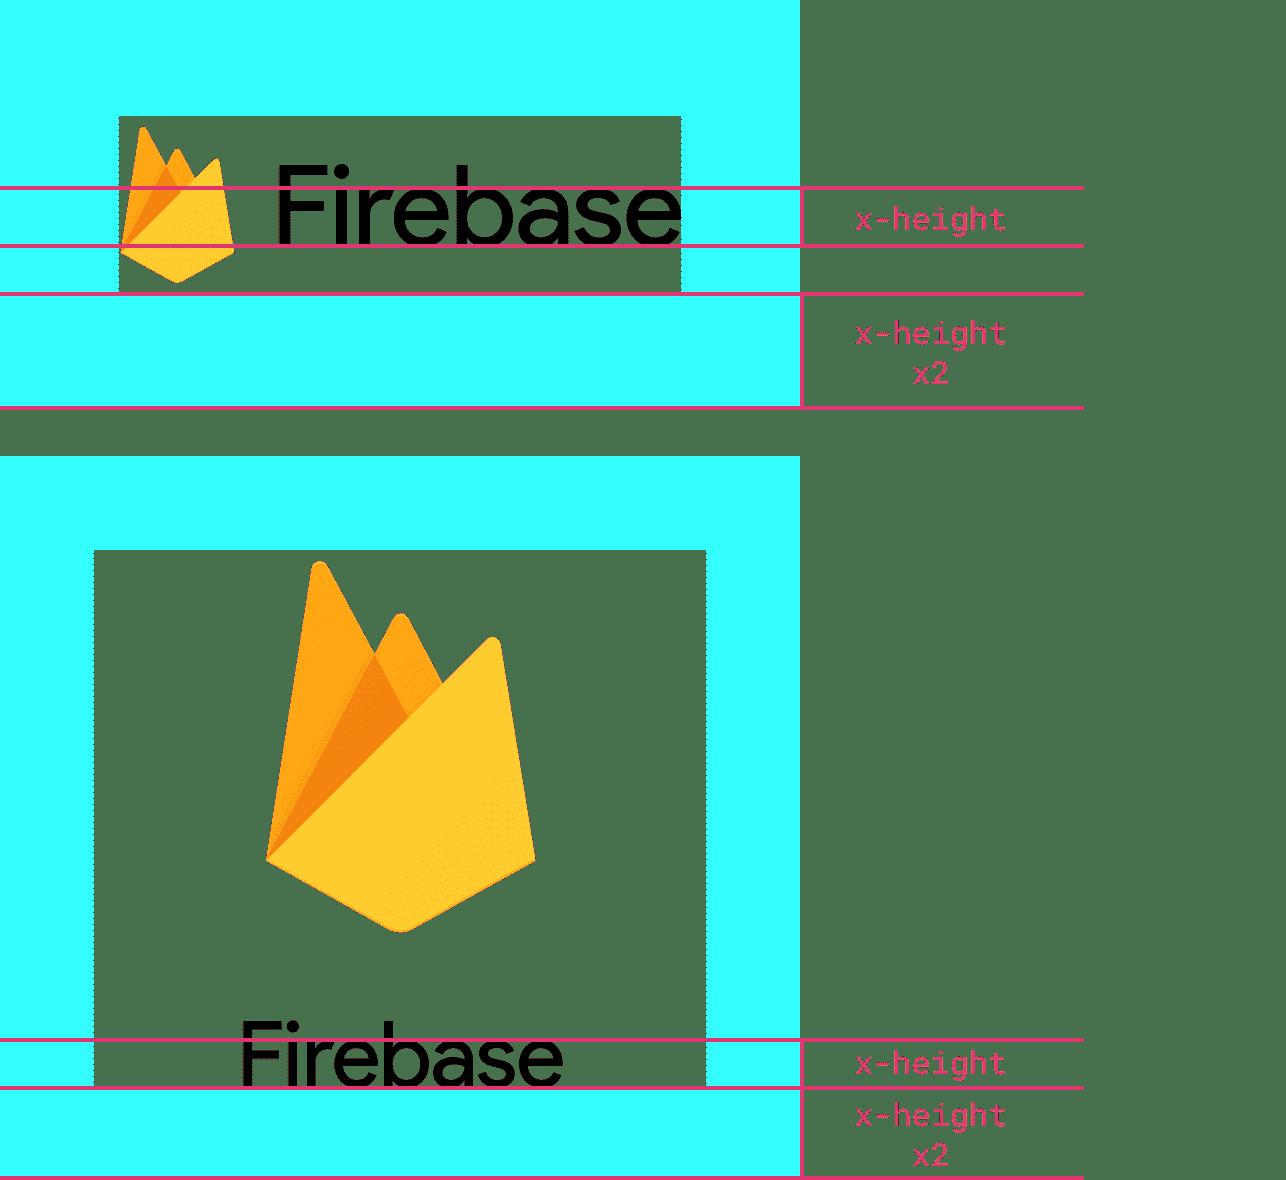 Ejemplos del logotipo de Firebase con al menos el doble de altura que el logotipo